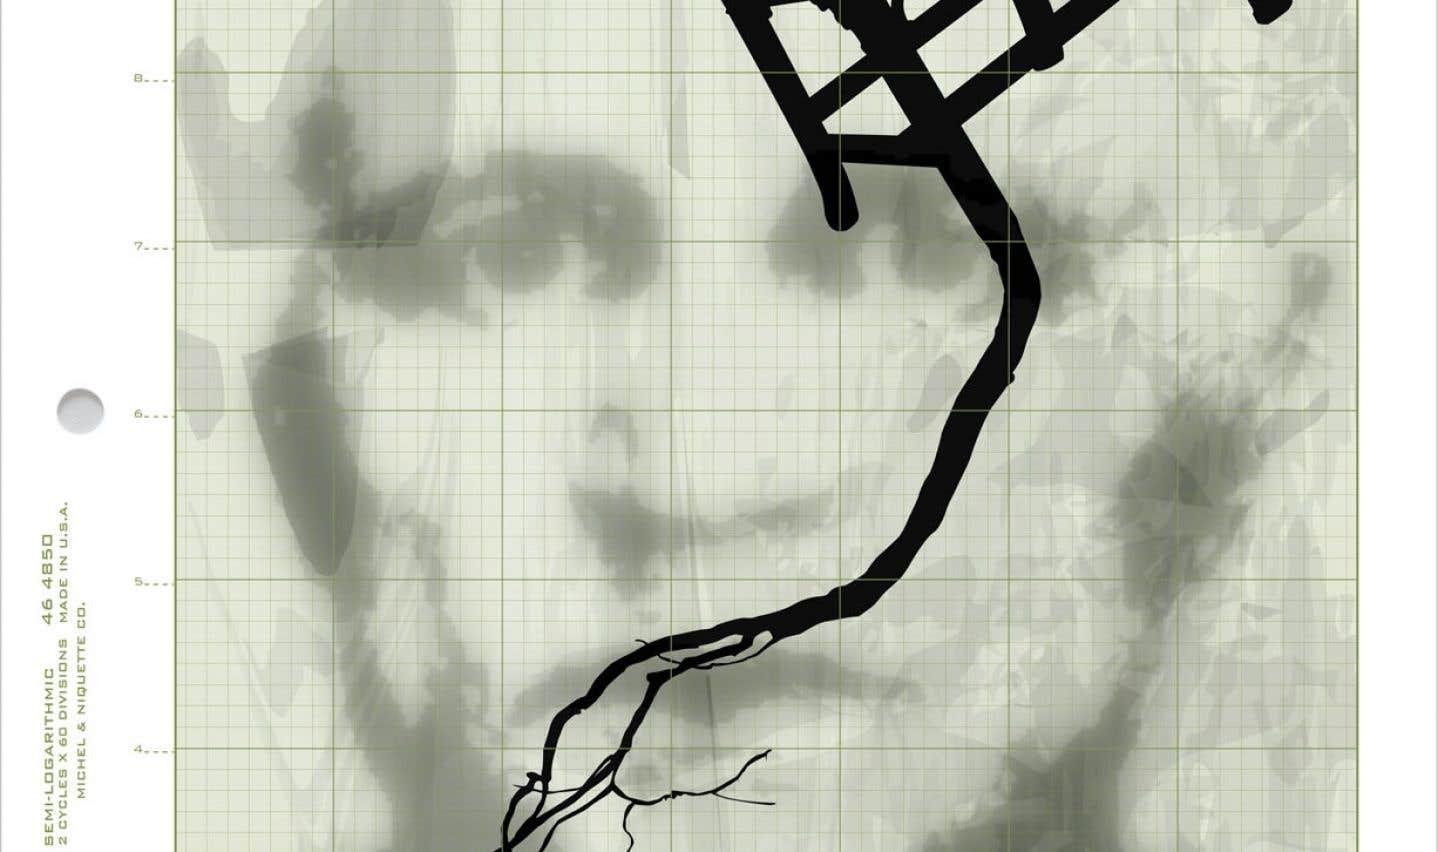 Œuvre de Michel Niquette présentée l'an dernier dans le cadre de Papier 13.